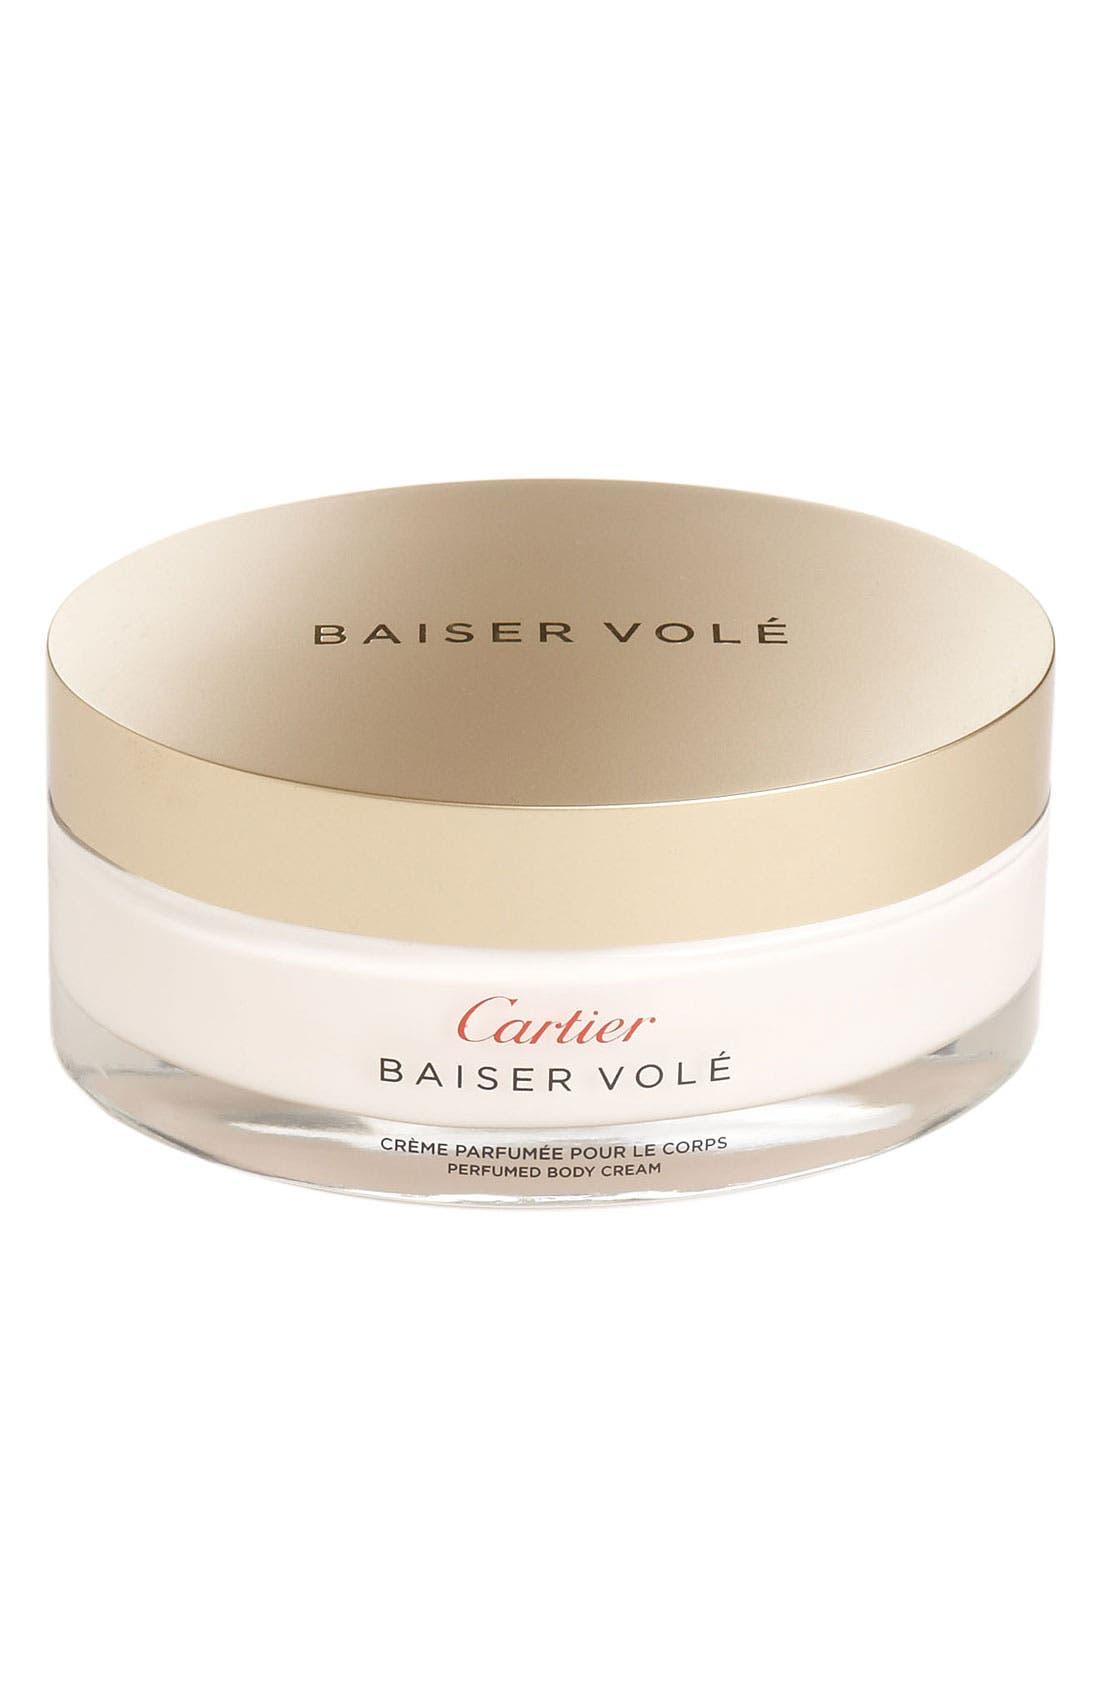 Cartier 'Baiser Volé' Body Cream,                             Main thumbnail 1, color,                             NO COLOR